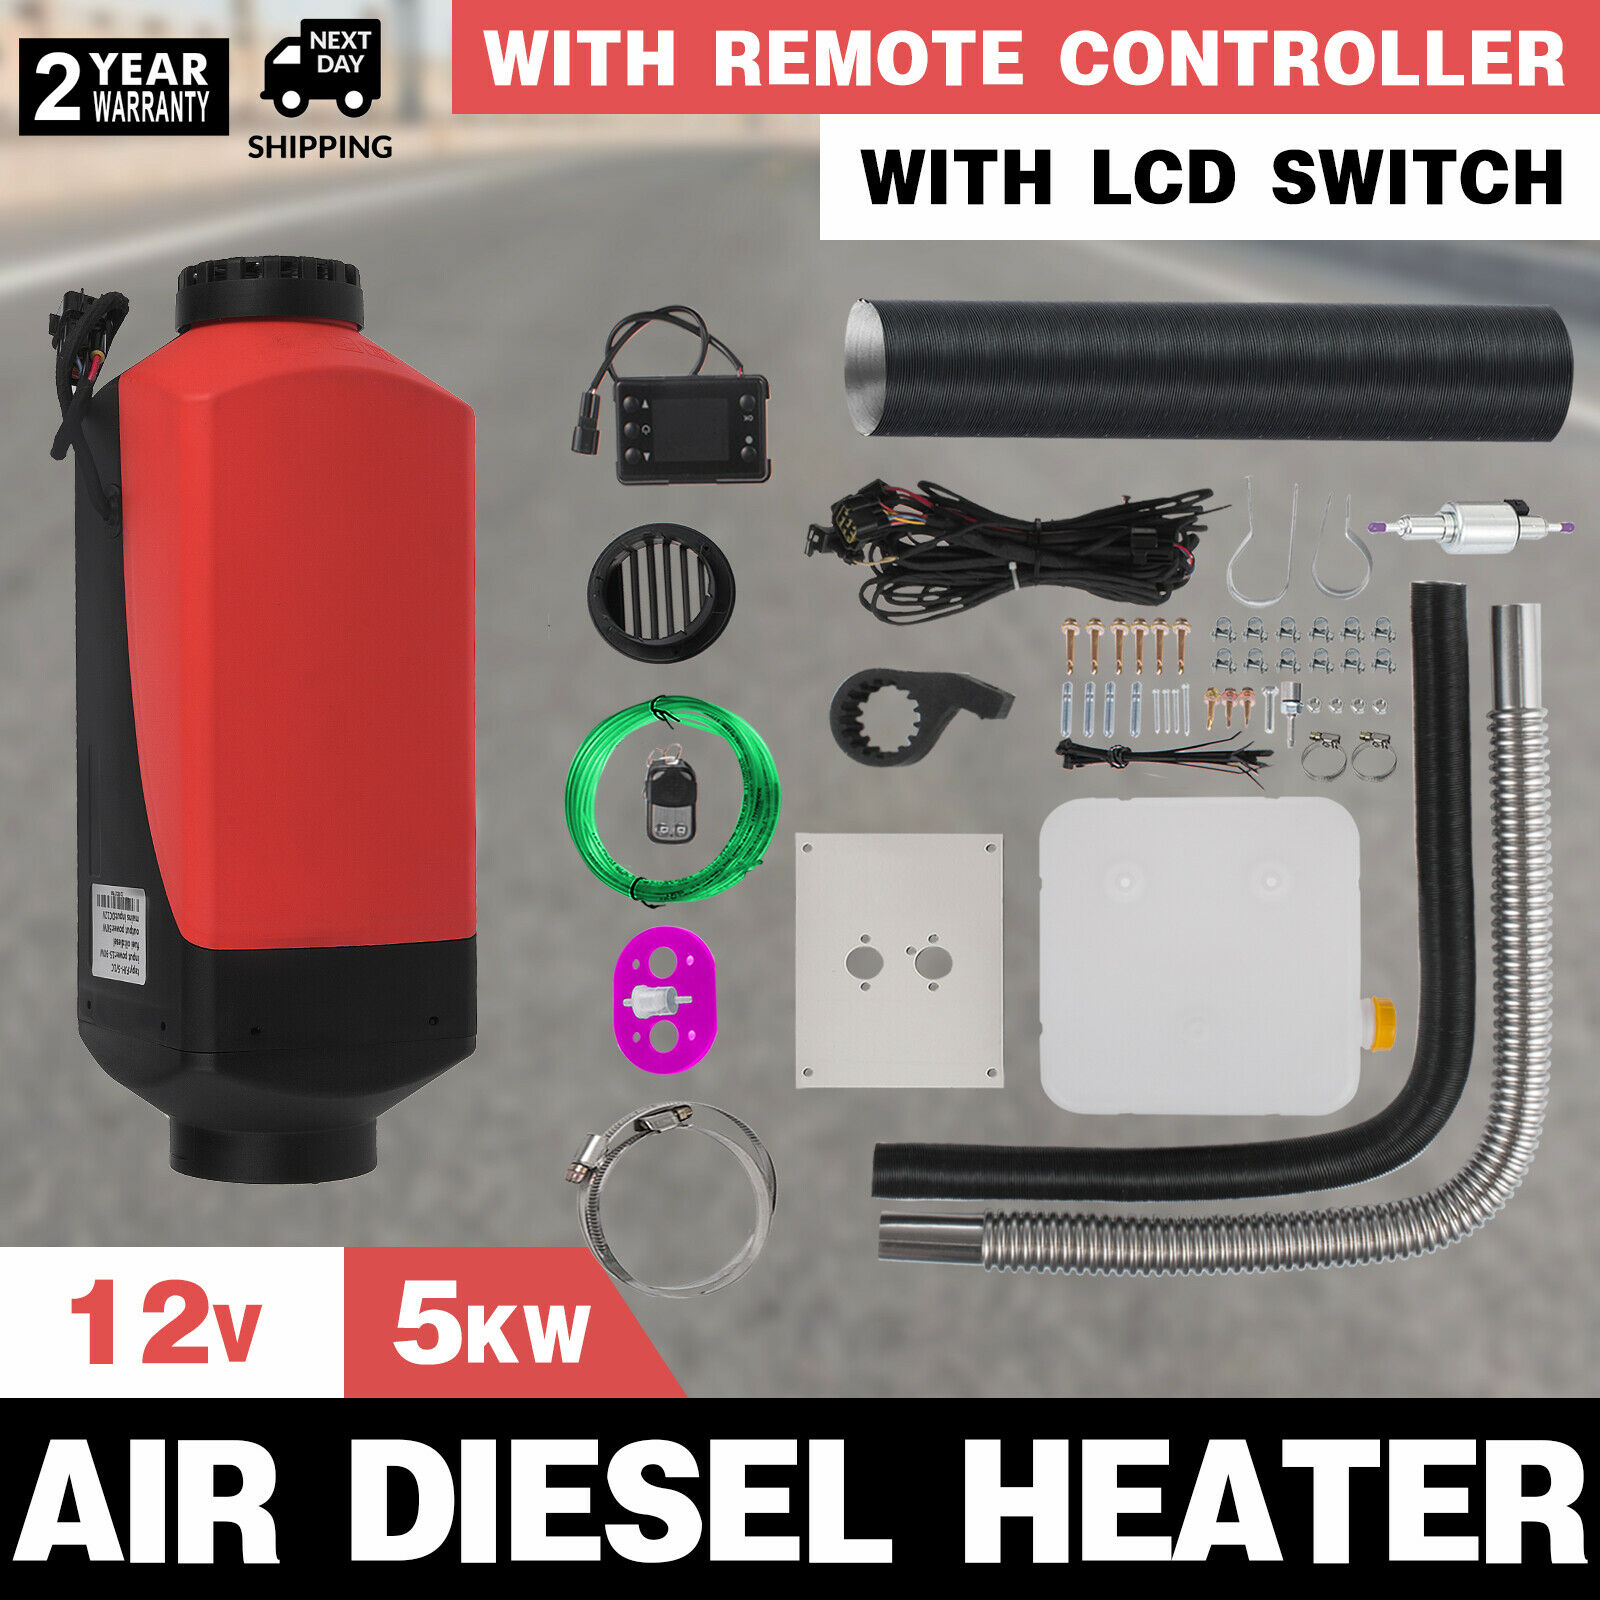 ЖК-дисплей термостат 12V 5KW Дизельный подогреватель воздуха для грузовых автомобилей Лодка Трейлер РВ дом на колесах